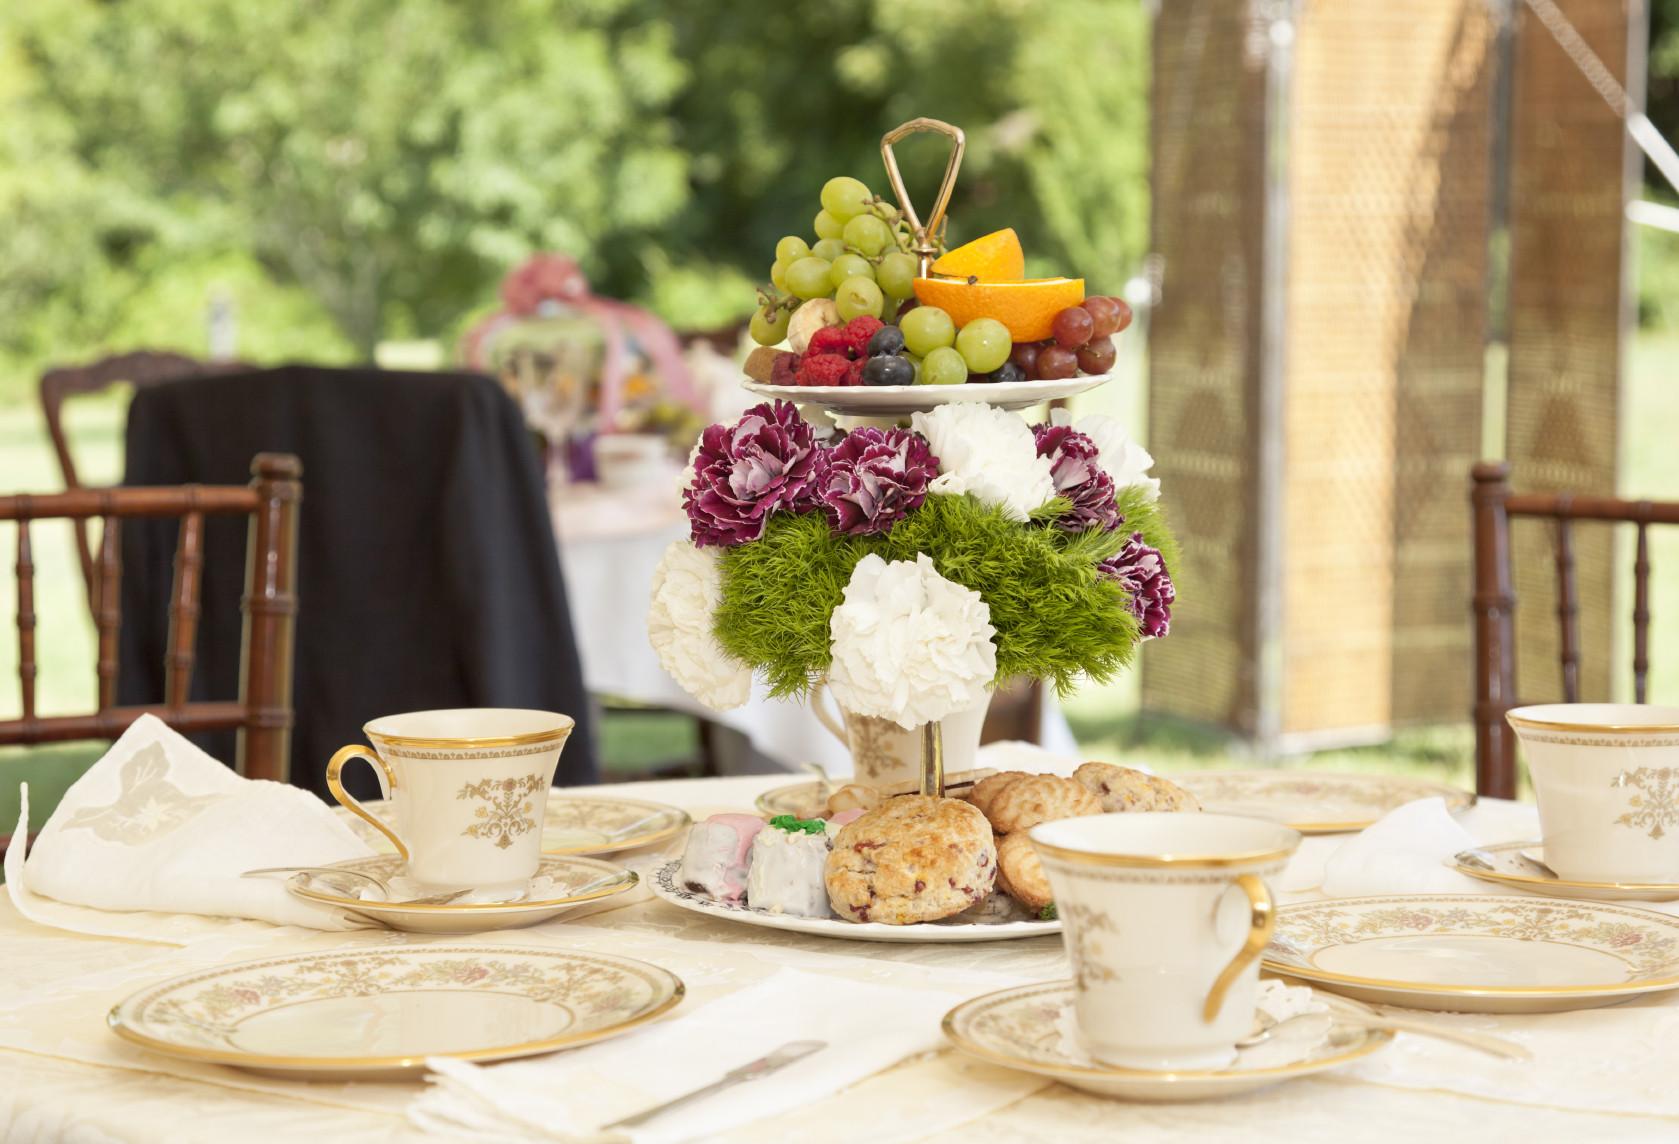 Women'S Tea Party Ideas  Party Ideas from Bigelow Tea Bigelow Tea